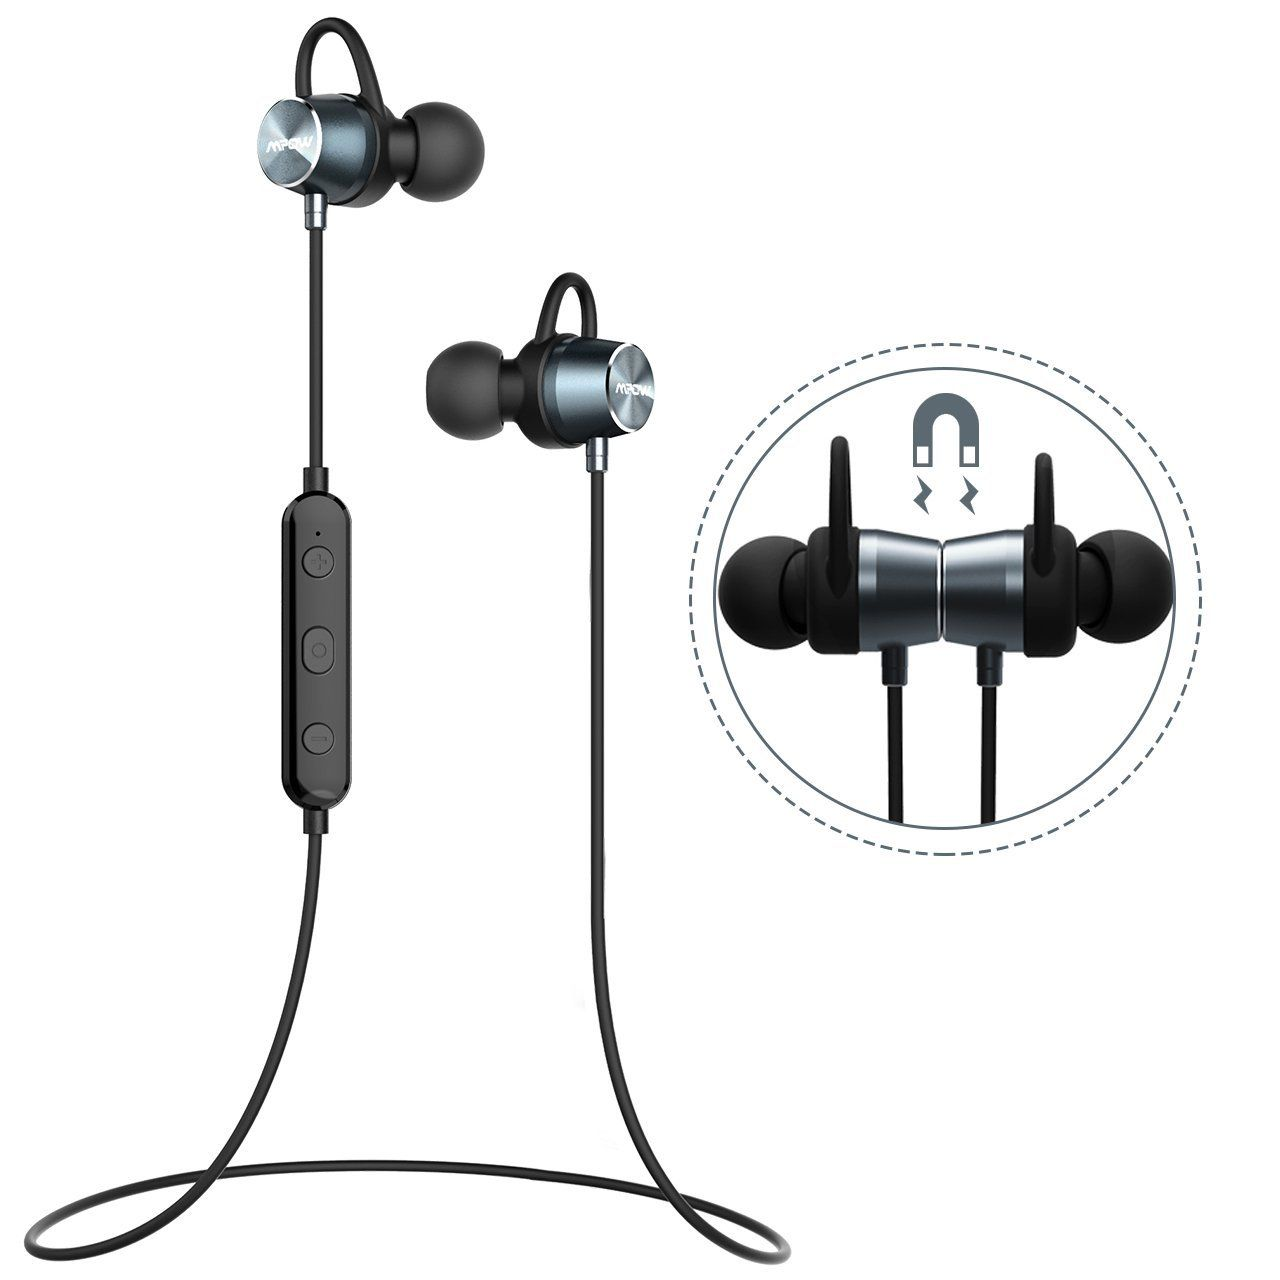 9239380a669 Auriculares Magnéticos Deportivos, Mpow Auriculares Bluetooth 4.1 Correr  Inalámbricos Auricular Magnético Ruido de Cancelación CVC